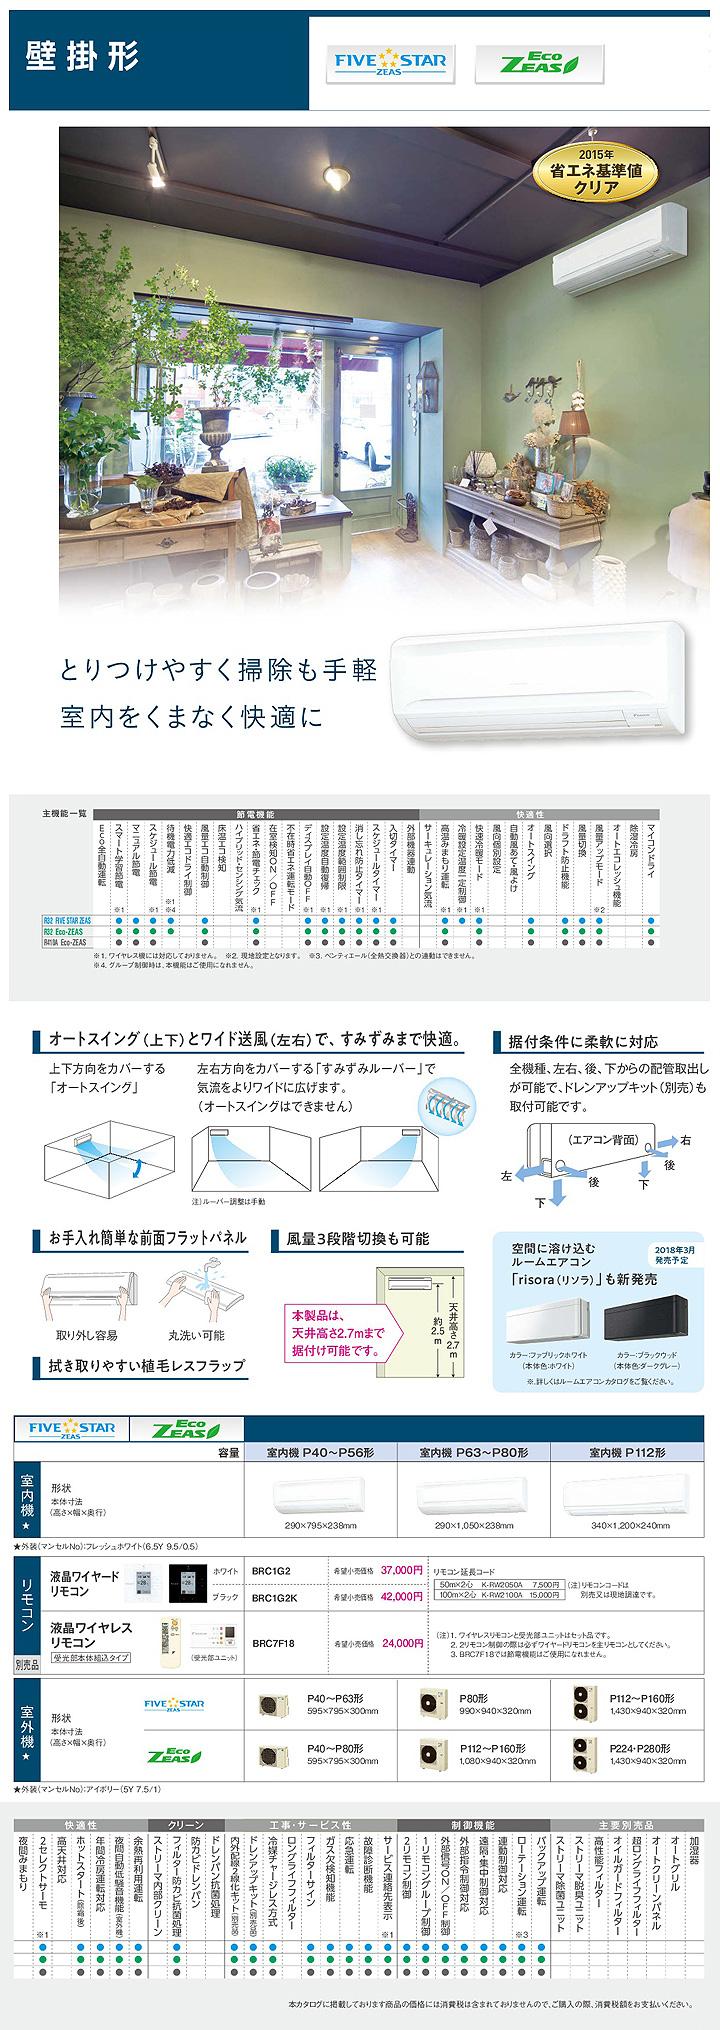 ダイキン SSRA63BCNV 業務用エアコン